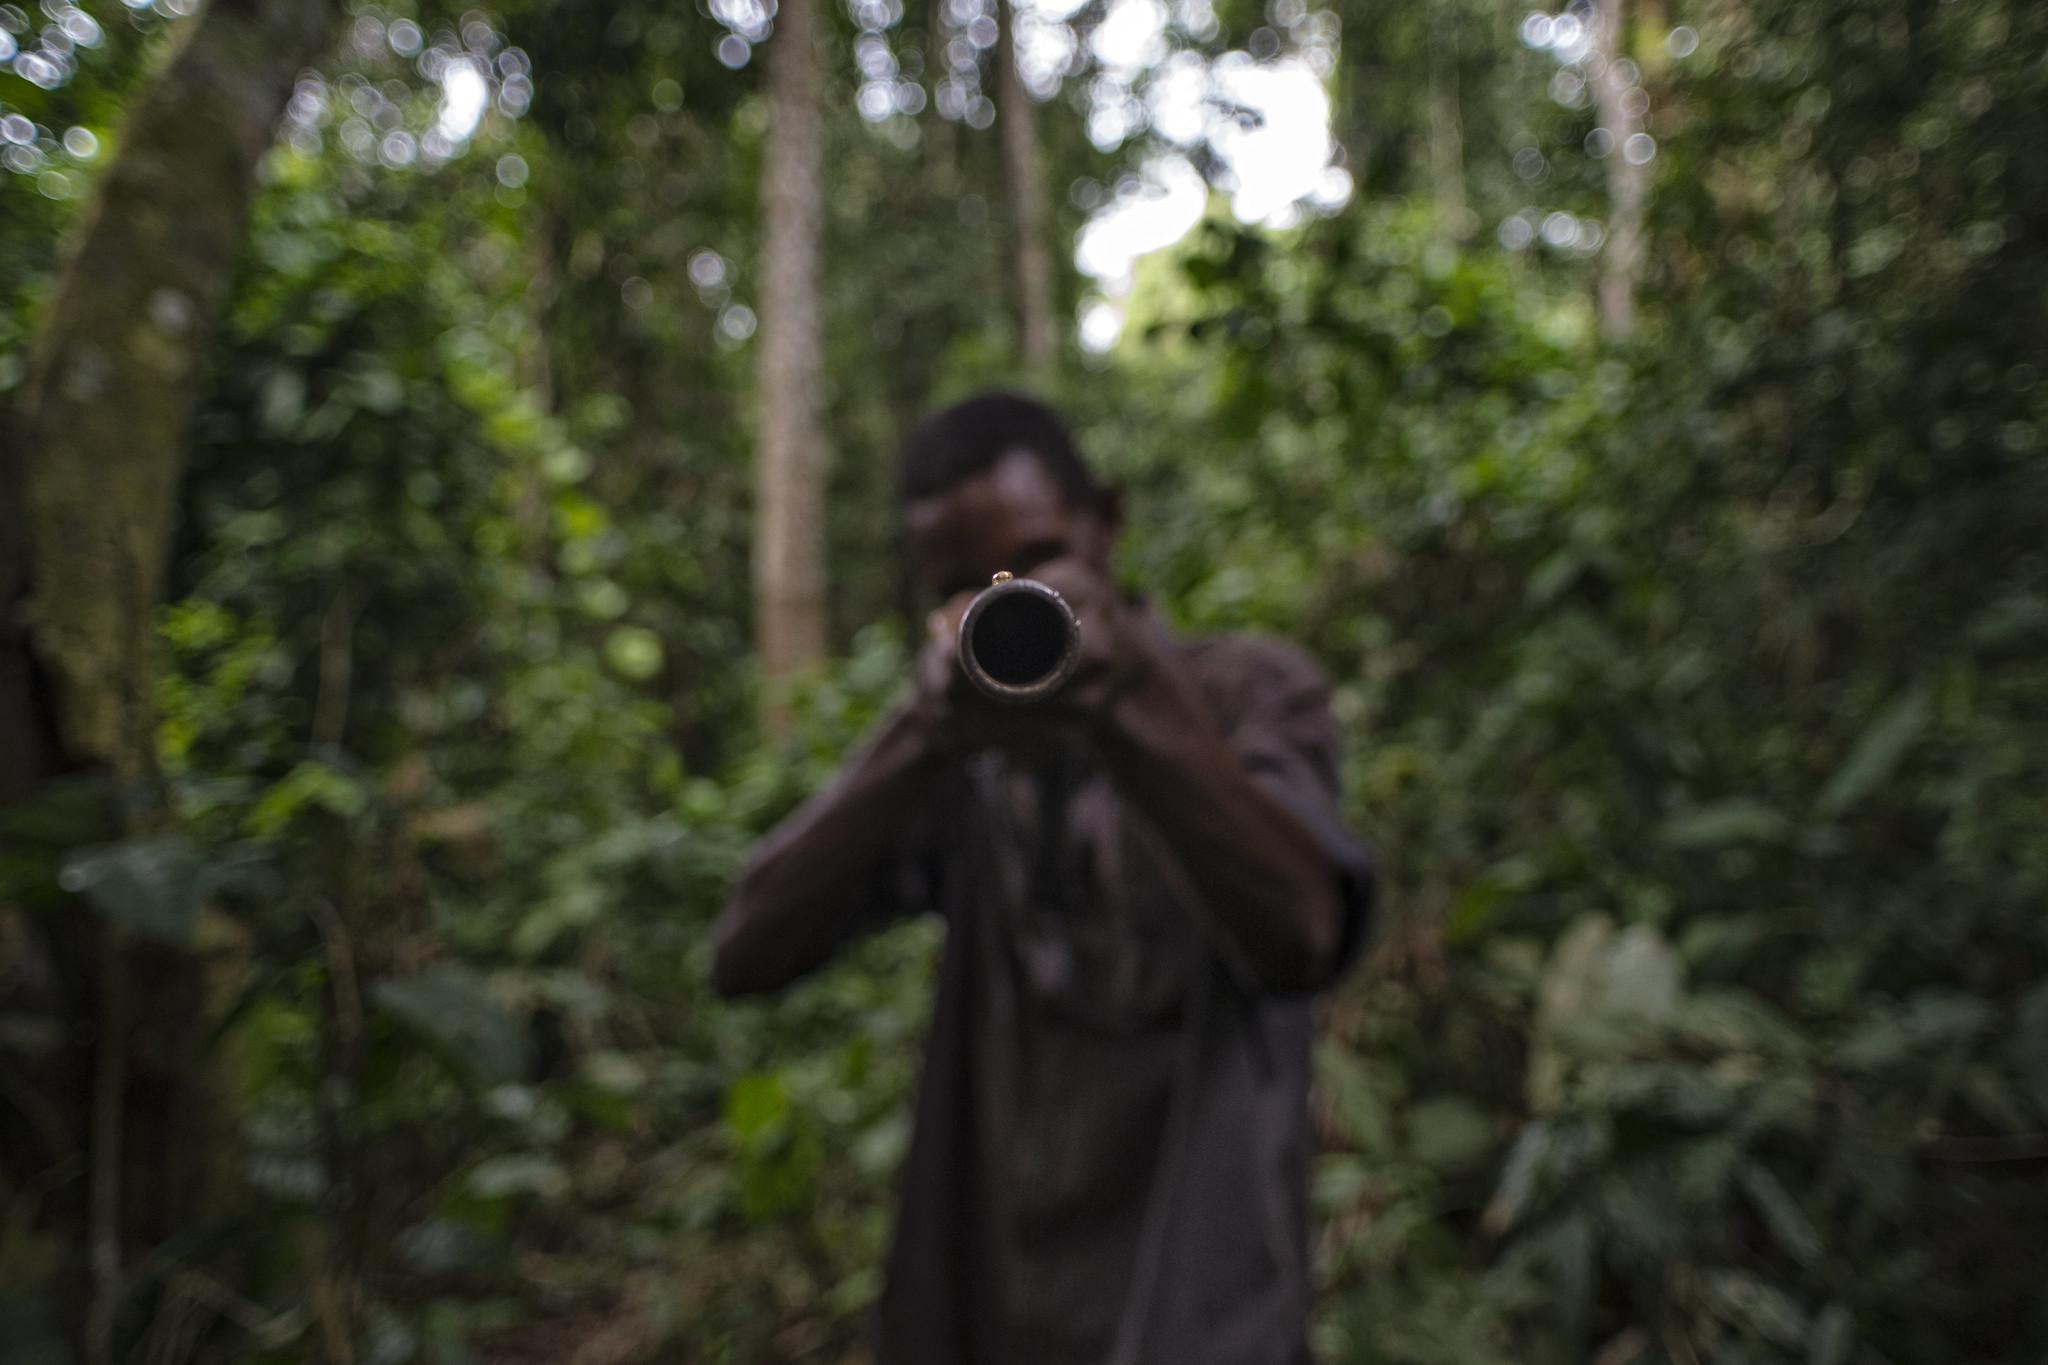 La pandémie du COVID-19 : Retour de la nature dans les « forêts vides » après la disparition des animaux